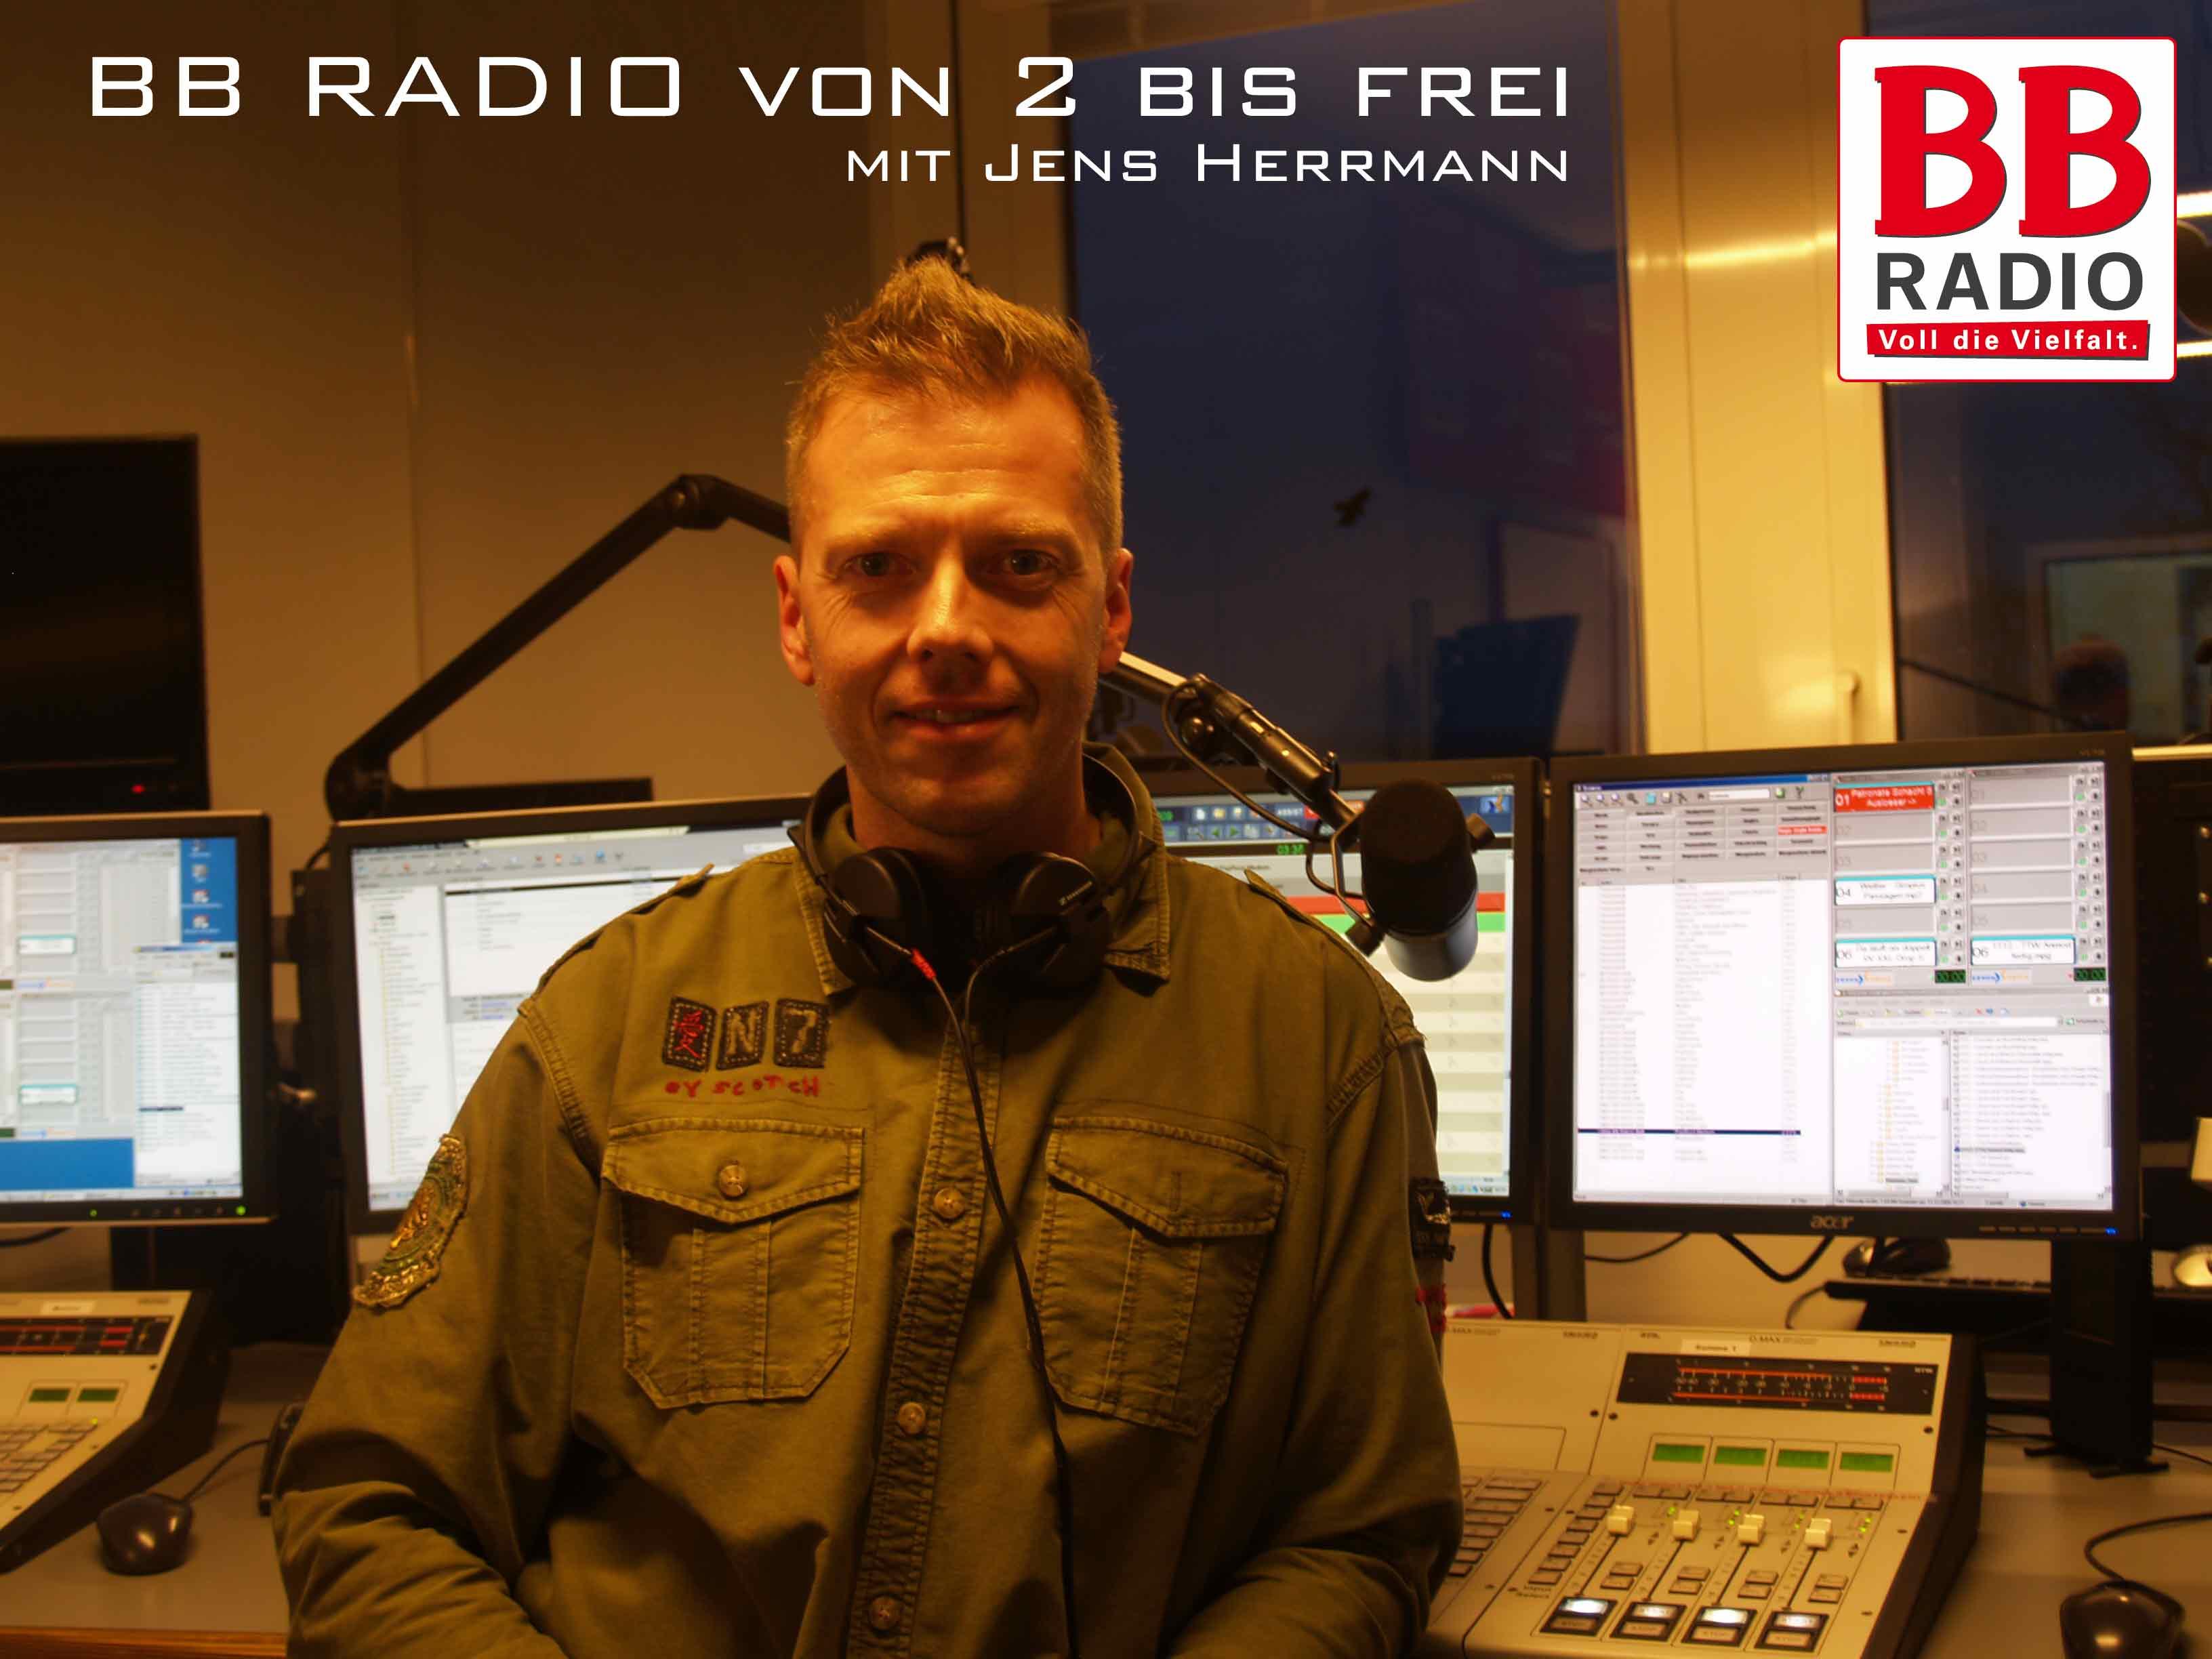 Seit 31.08.2009 Die BB RADIO Nachmittagsshow von 2 bis Frei